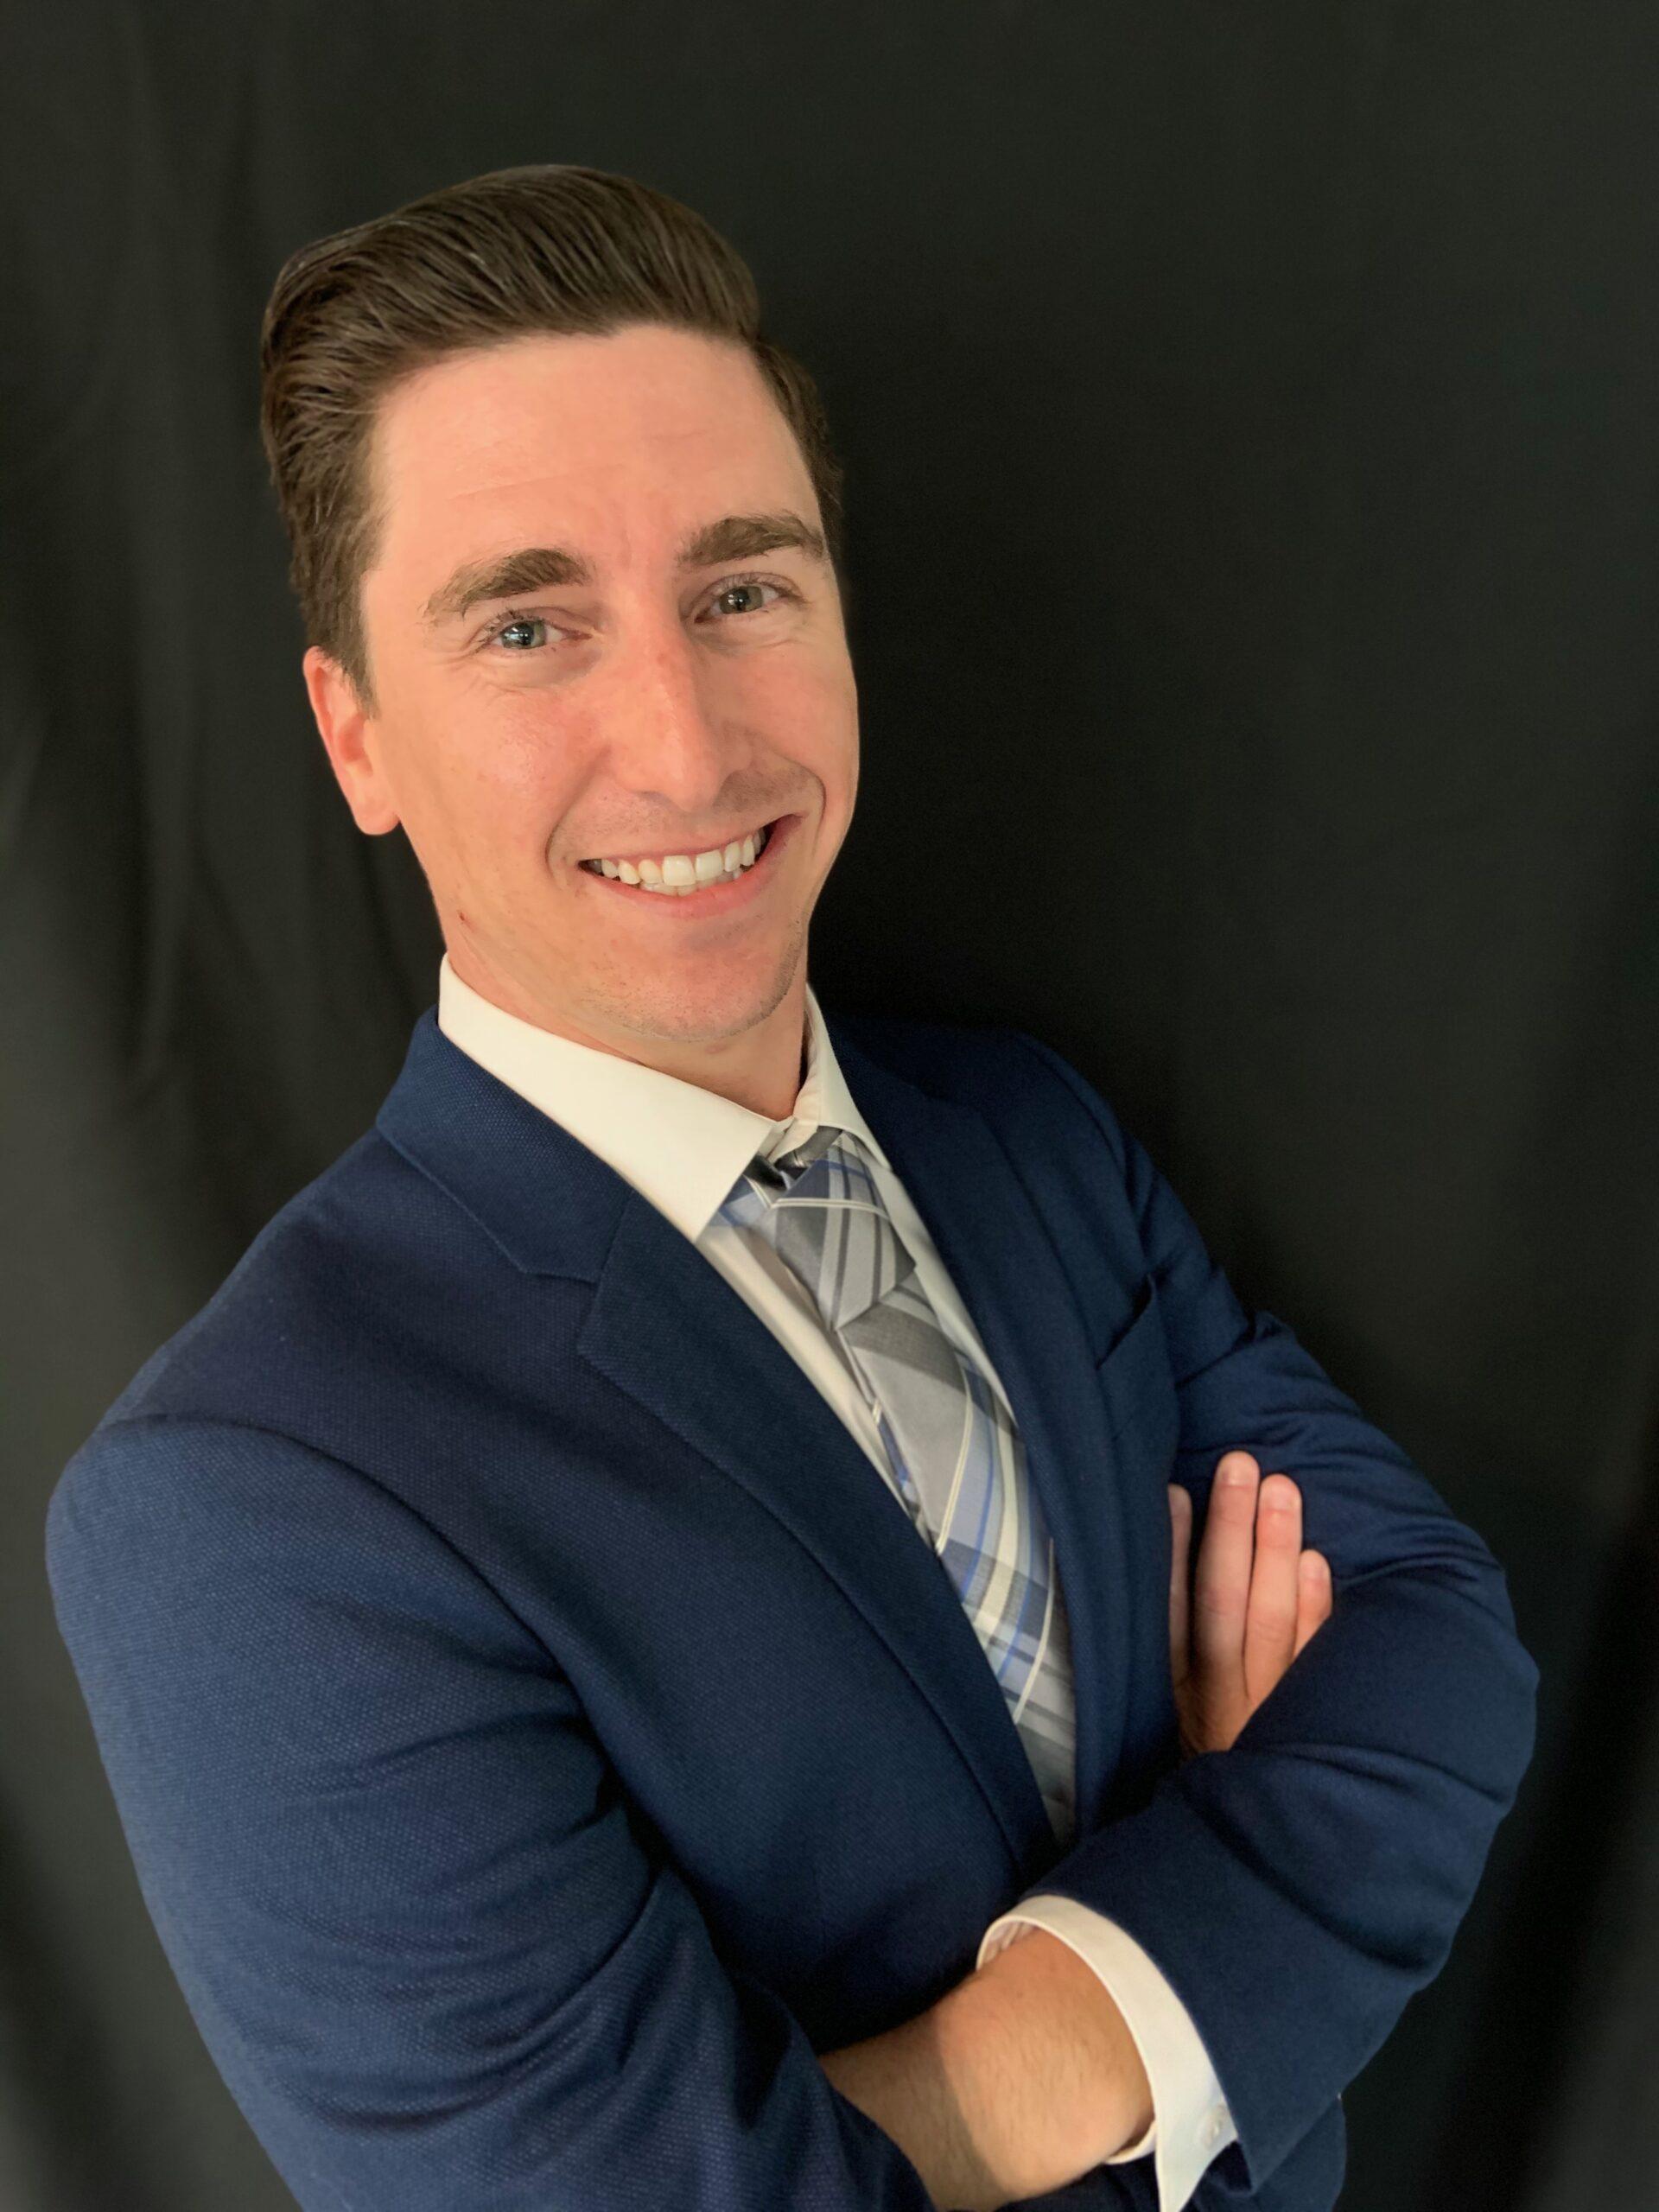 Matthew Slimmer, Attorney